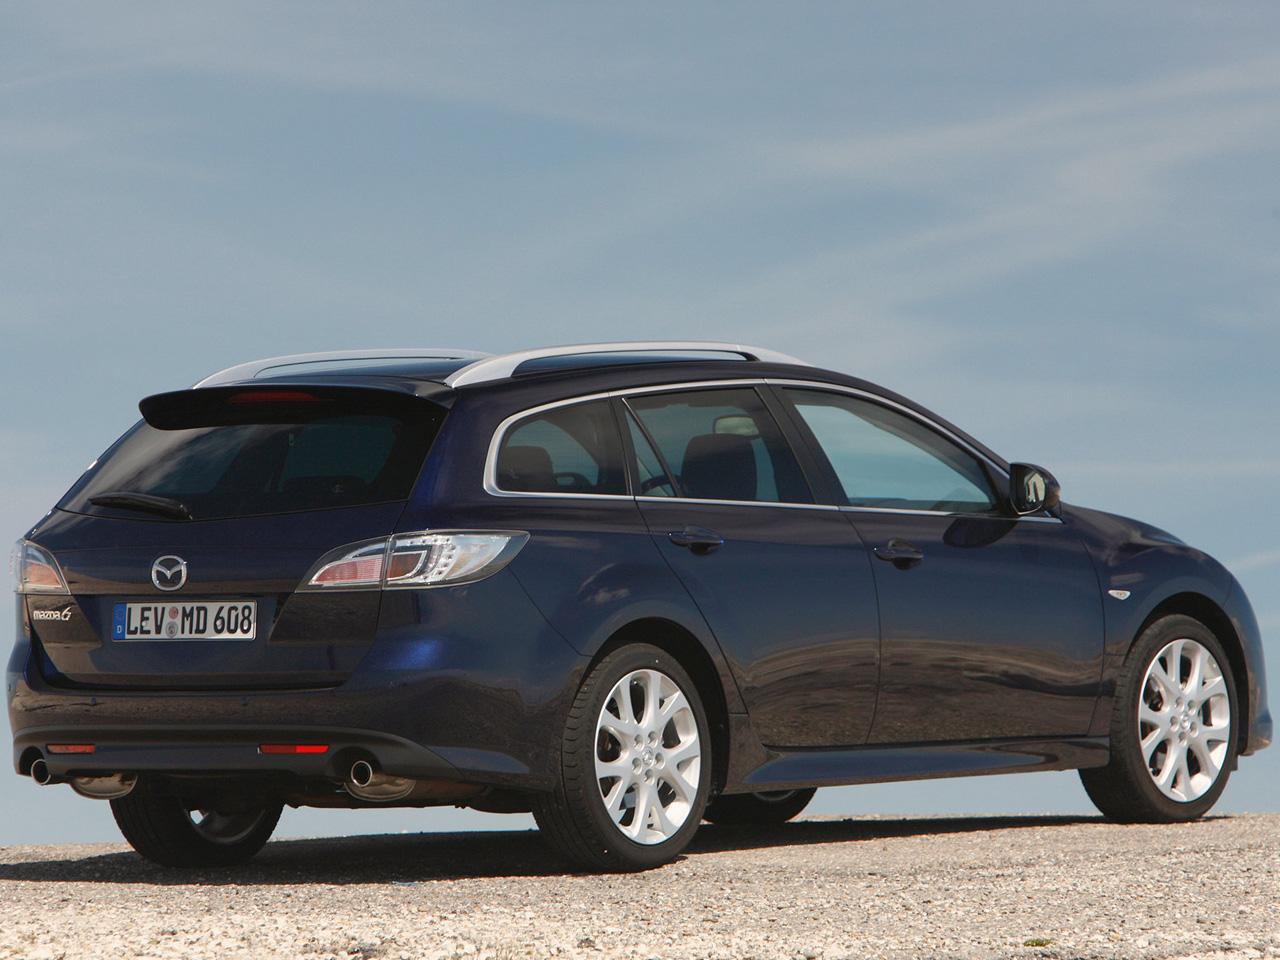 http://4.bp.blogspot.com/_XAfd_7tucsw/S8XB5_0BPVI/AAAAAAAADlo/zHQRs-ALpPE/s1600/Mazda+6+SAP+Wagon+2009+-+Rear+Angle.jpg